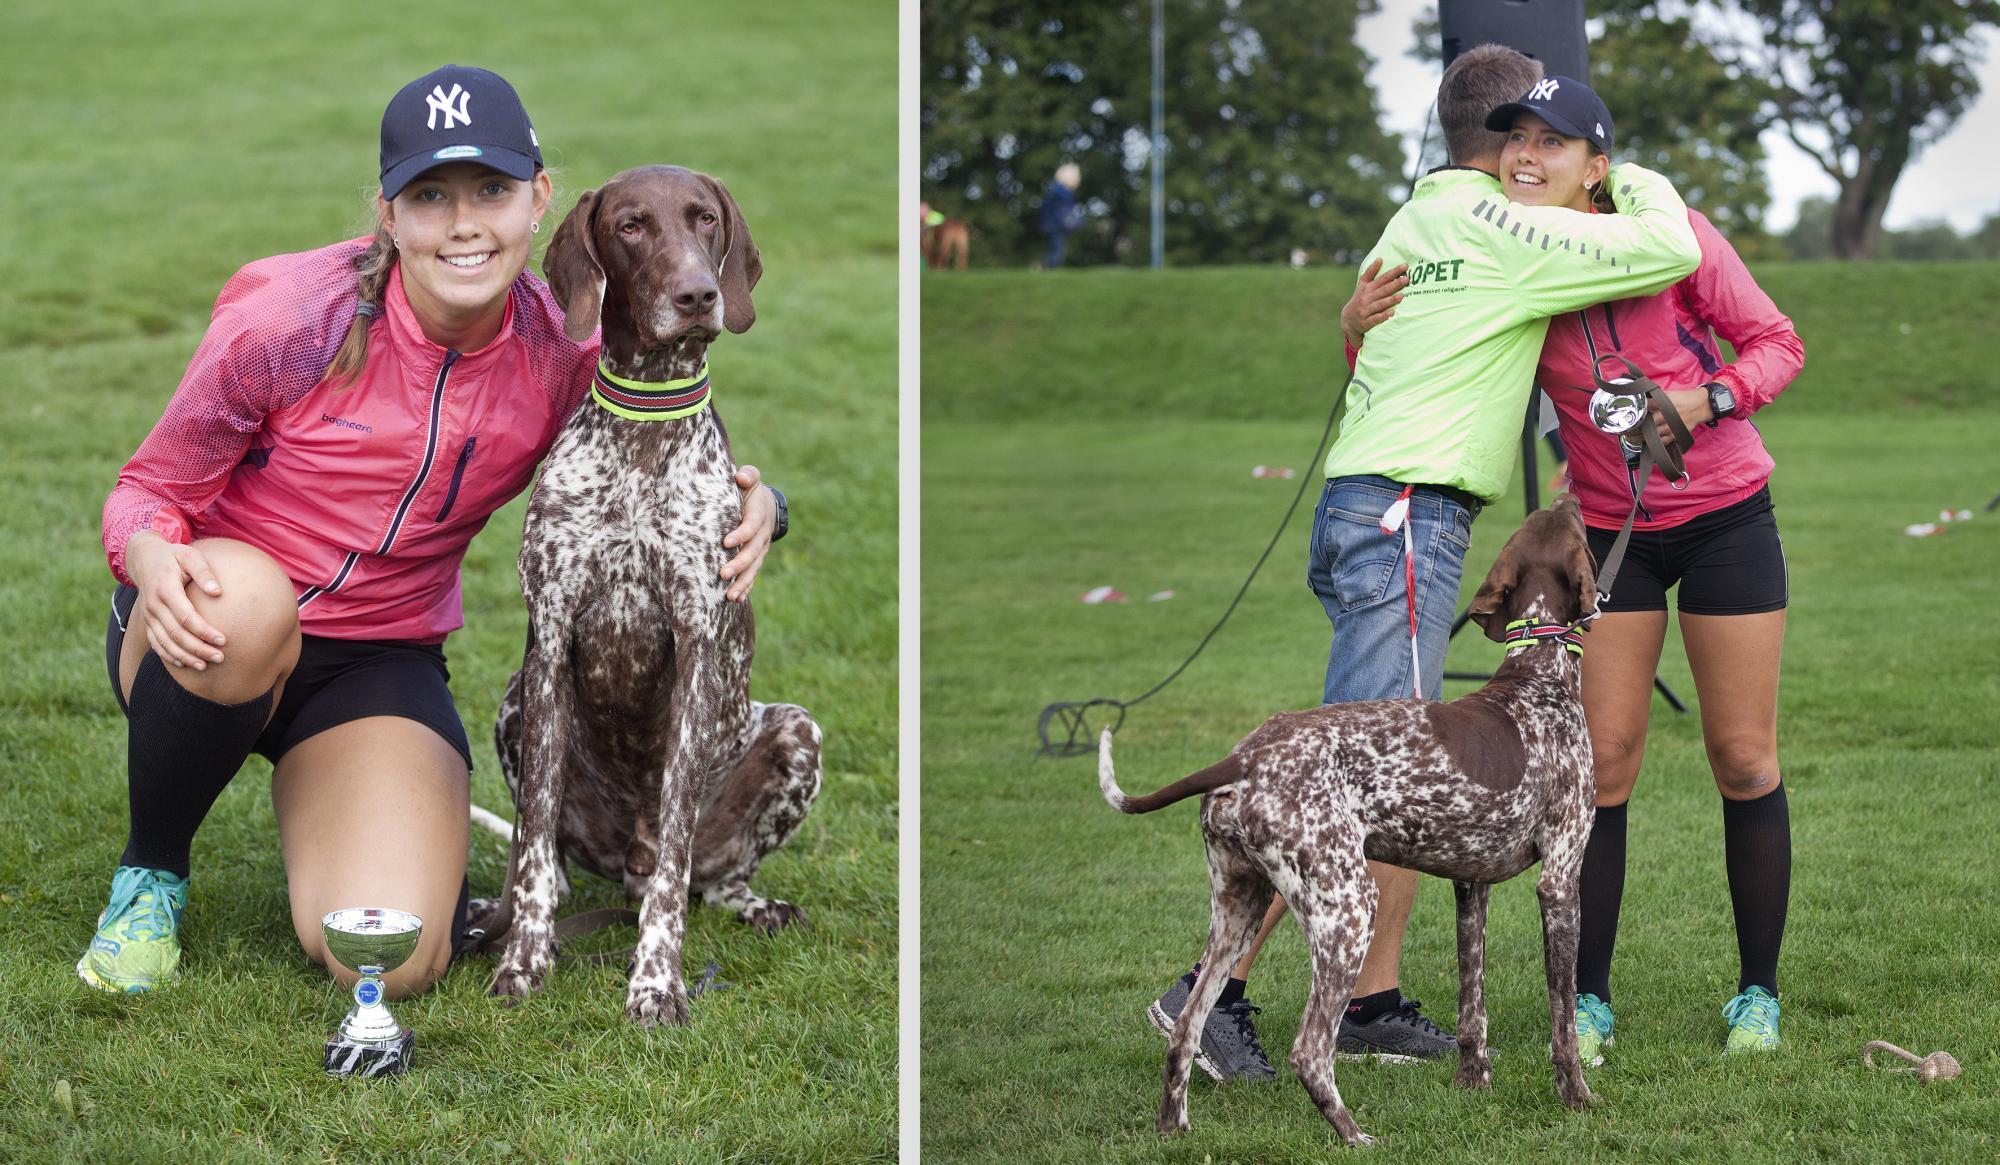 Madelene Nord som vann 5 kilometersbanan med hunden Eros gratuleras av Hundlöpets arrangör Thomas Melén.